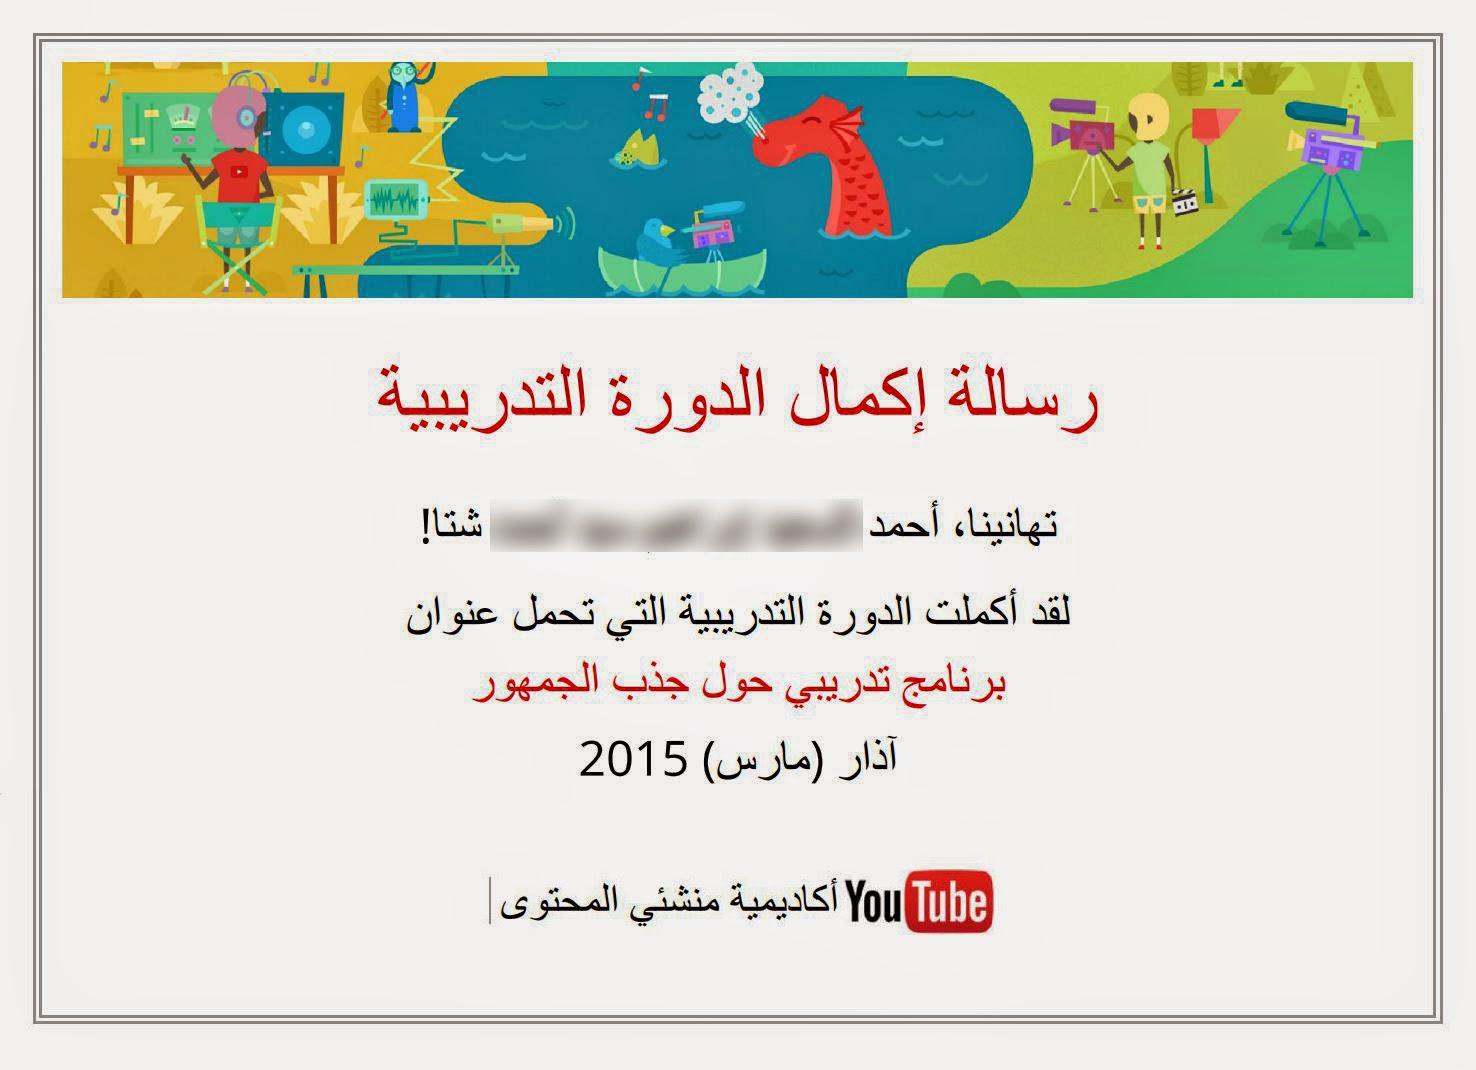 الحصول على دورة تدريبية وشهادة إتمام من أكاديمية منشئي المحتوى التابعة ليوتيوب مجانا !! باللغة العربية - مدونة الحماية